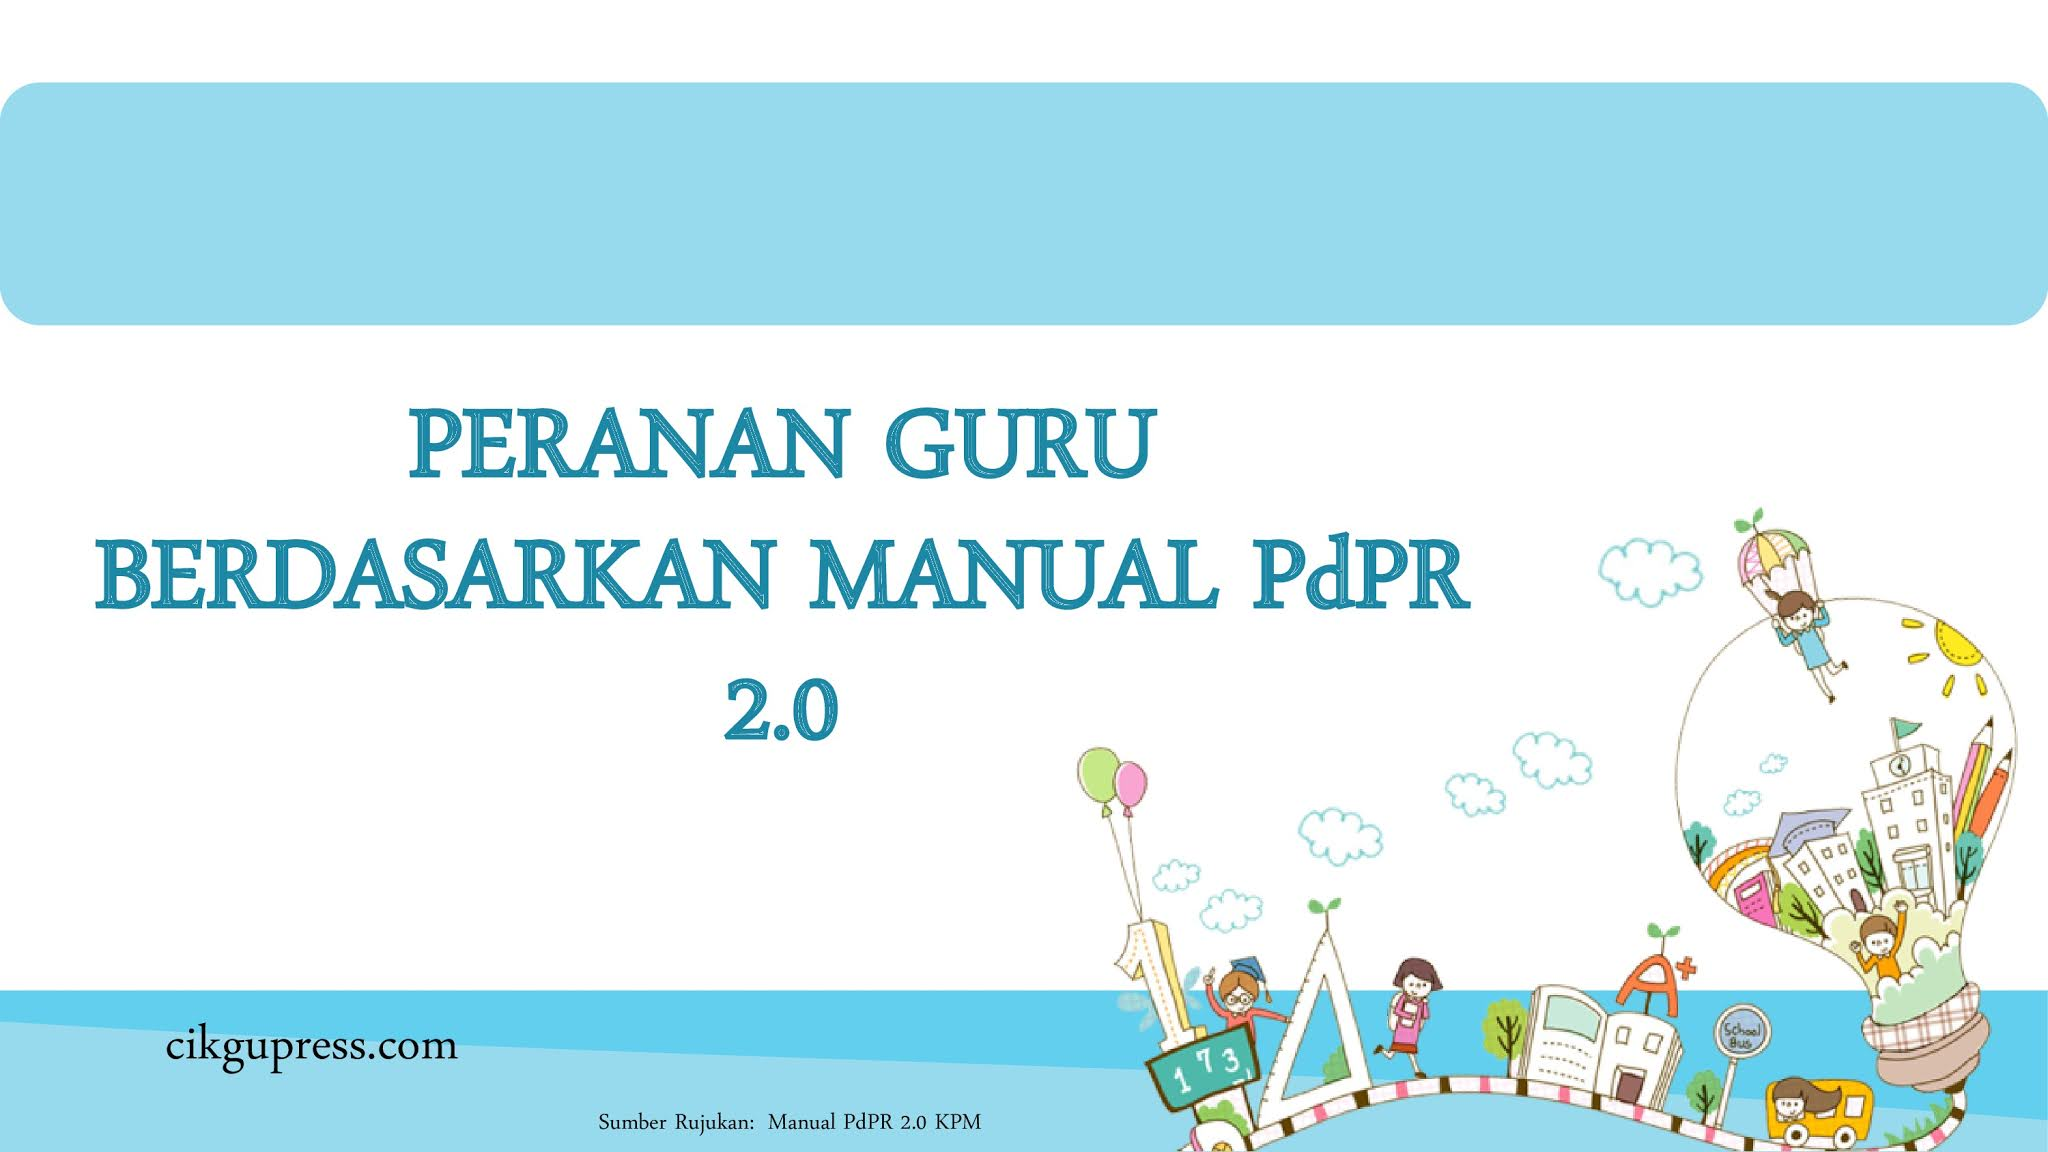 Peranan Guru Berdasarkan Manual PdPR 2.0